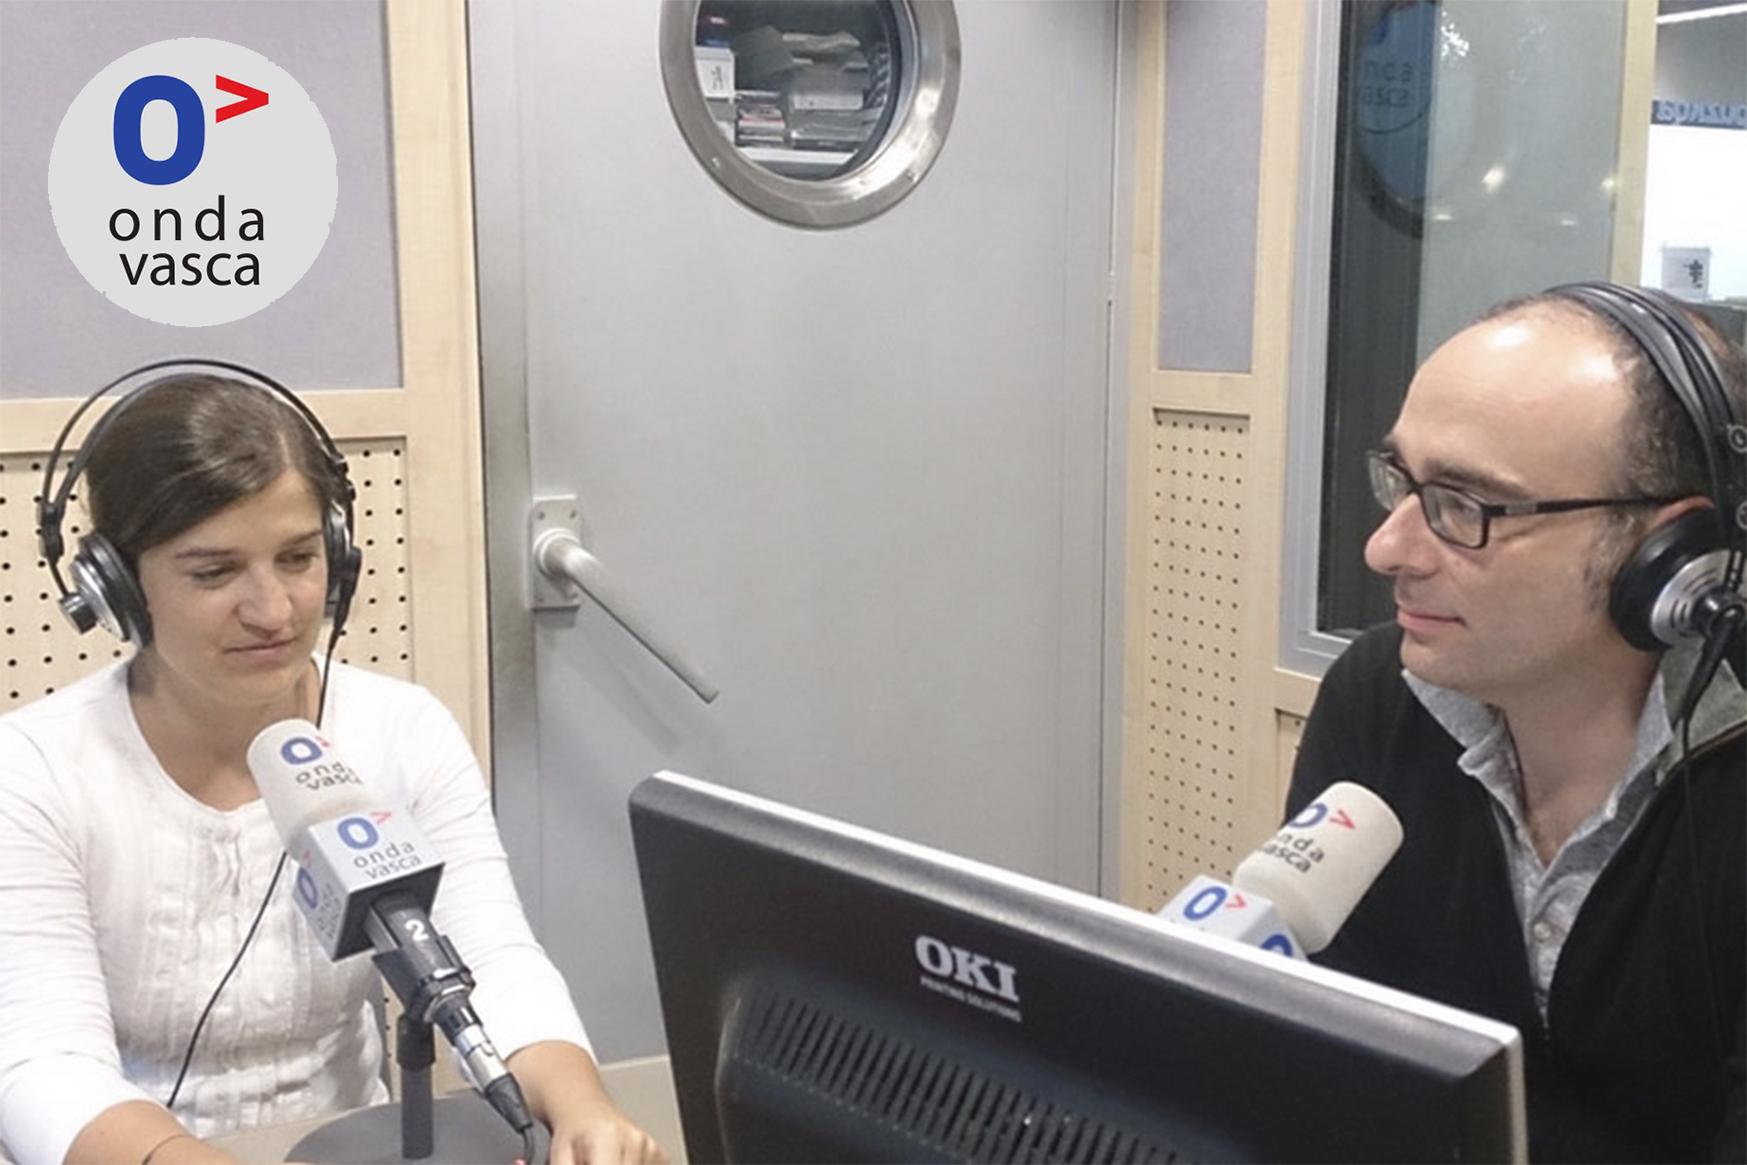 foto noticia: Visita al programa La Tarde de Euskadi de Onda Vasca